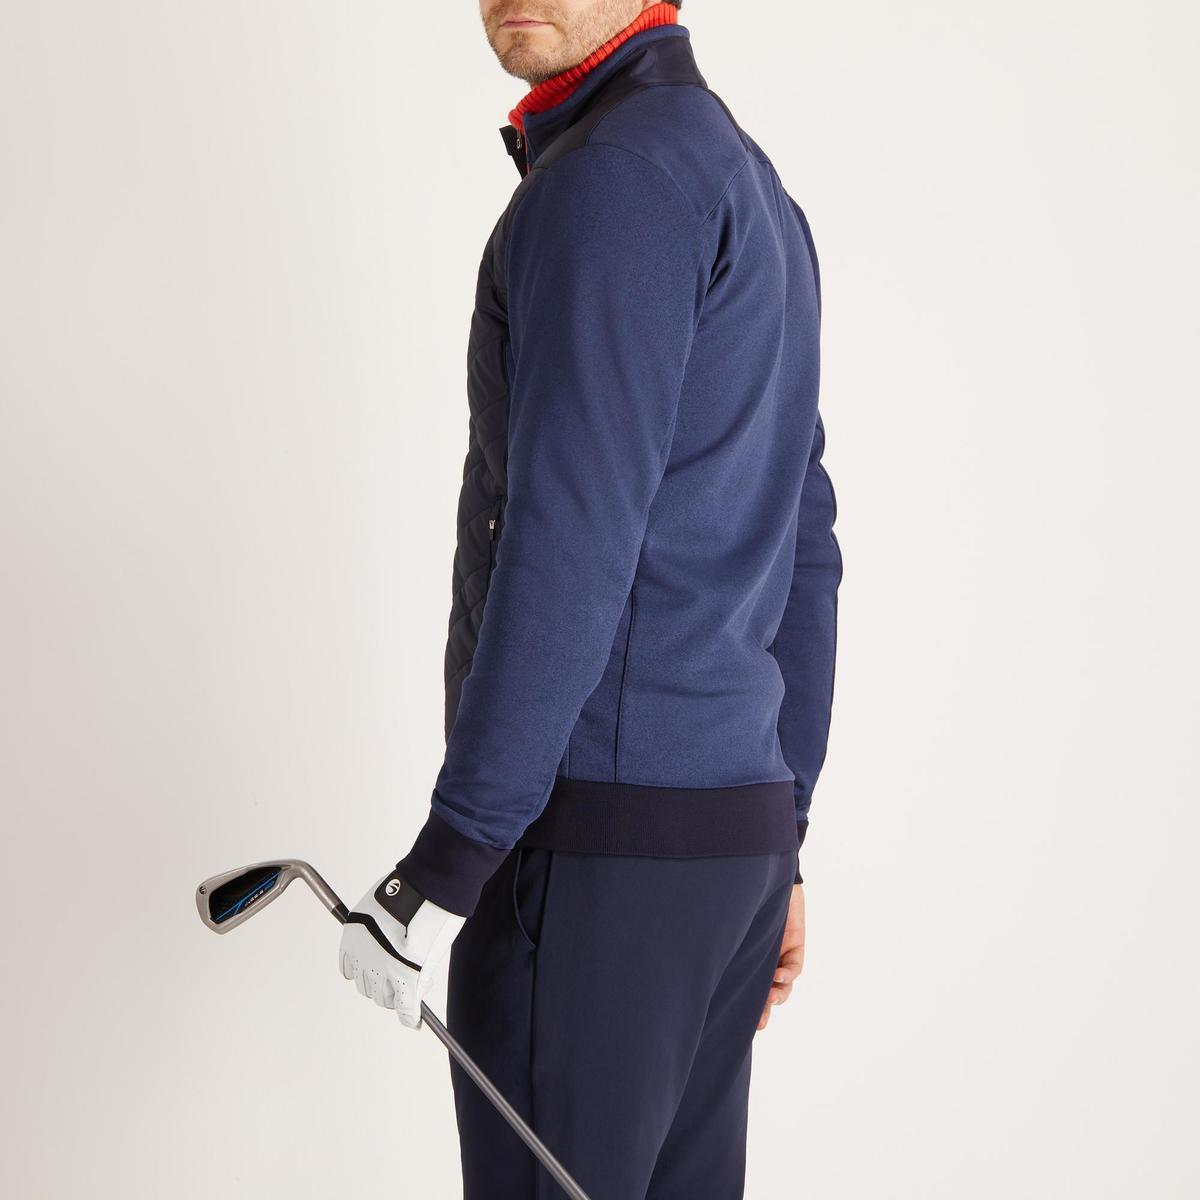 Bild 5 von Golf Wattierte Jacke Herren kühle Witterungen marineblau